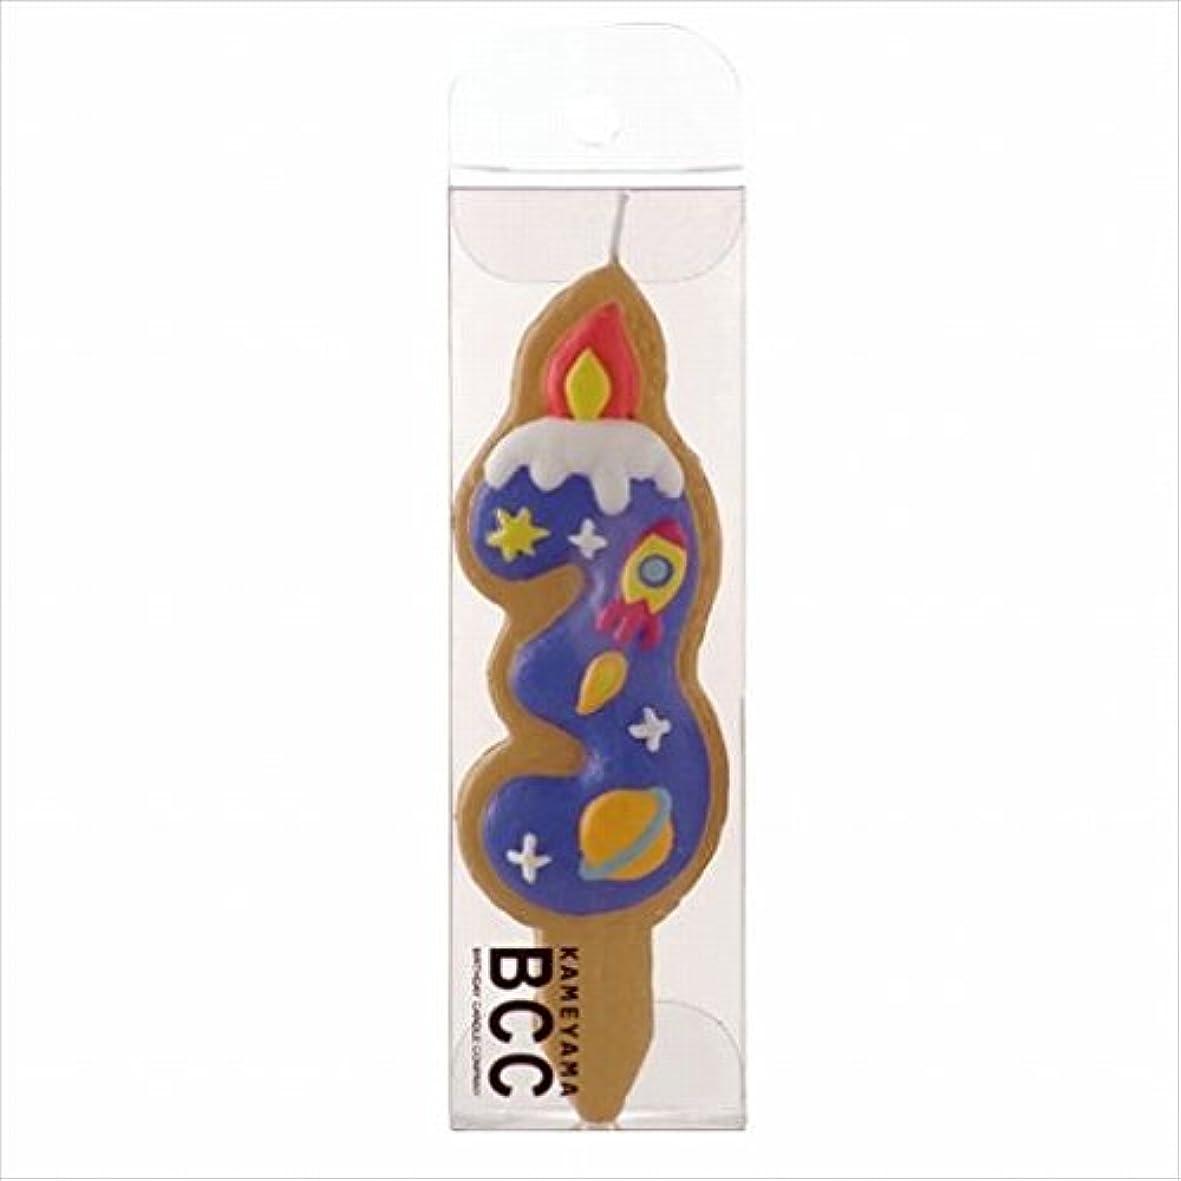 西遮る発音するカメヤマキャンドル( kameyama candle ) クッキーナンバーキャンドル 3番 ロケット ケーキ用